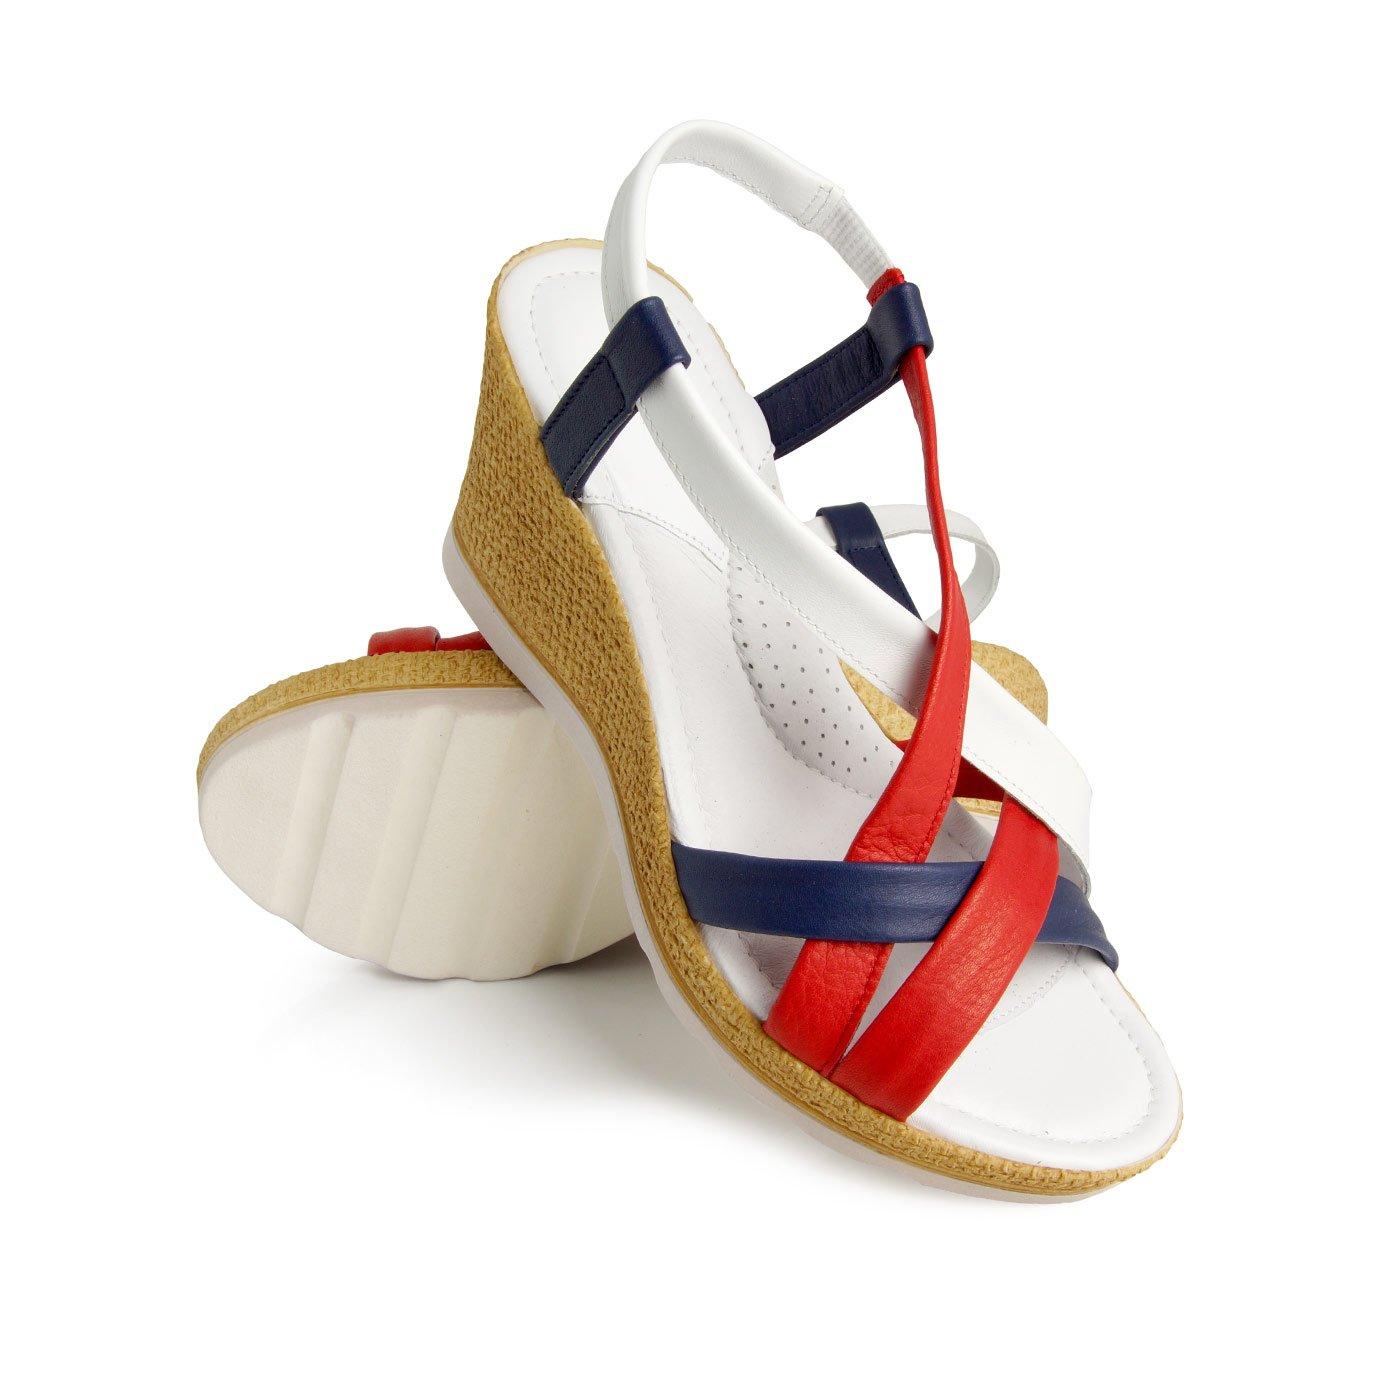 2d4c8d8ab Batz Batz dámské zdravotní sandály Miami Red 37 37